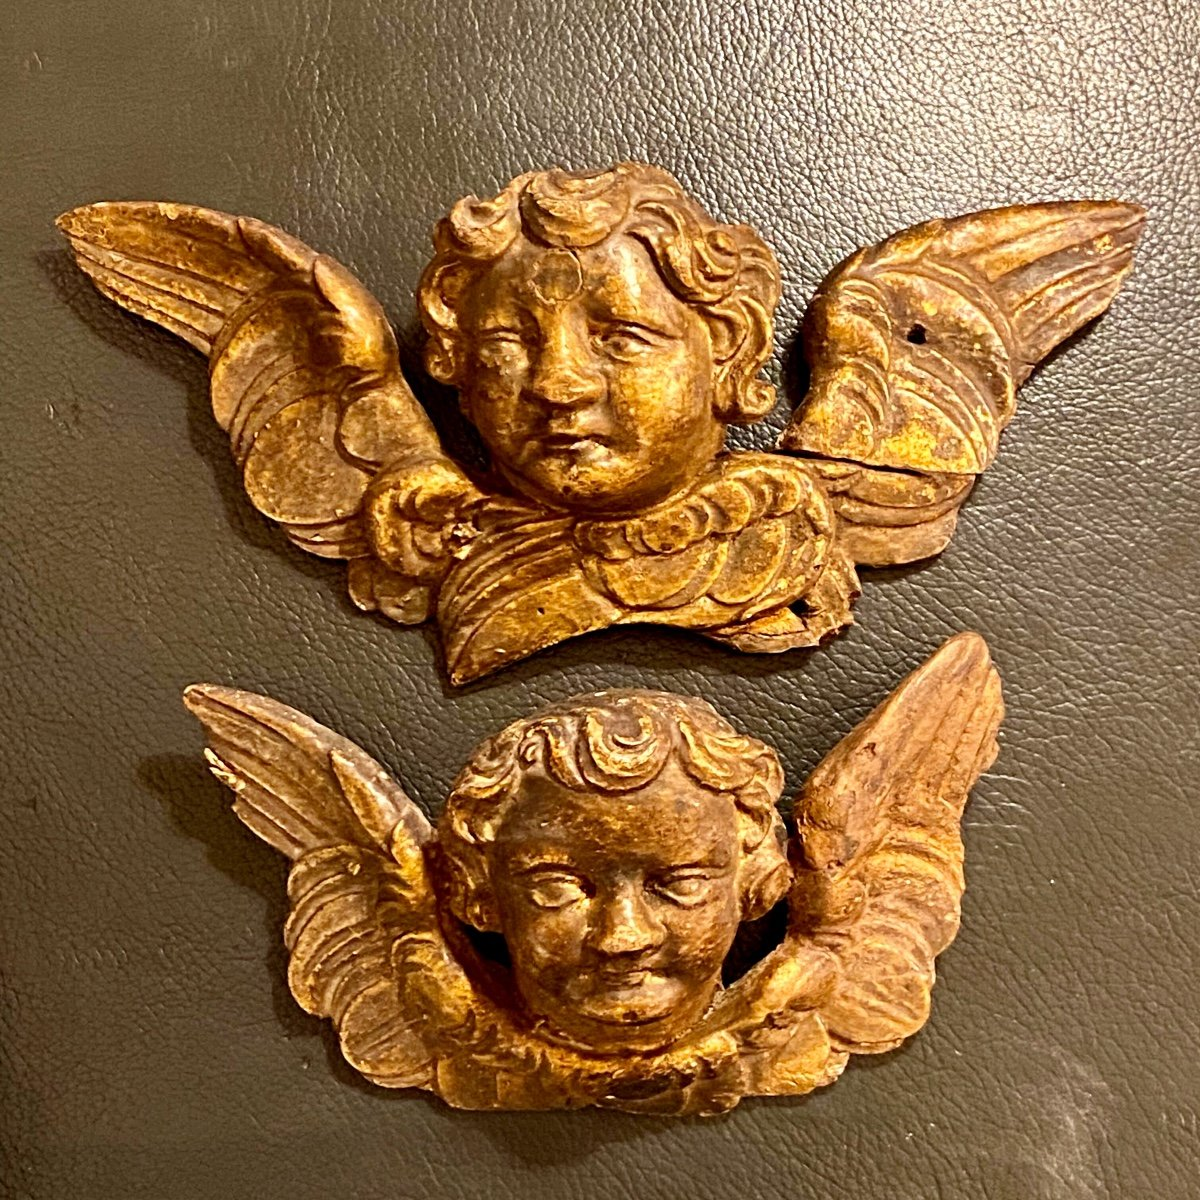 Paire D'angelots Baroques En Bois Dorés Sculptés